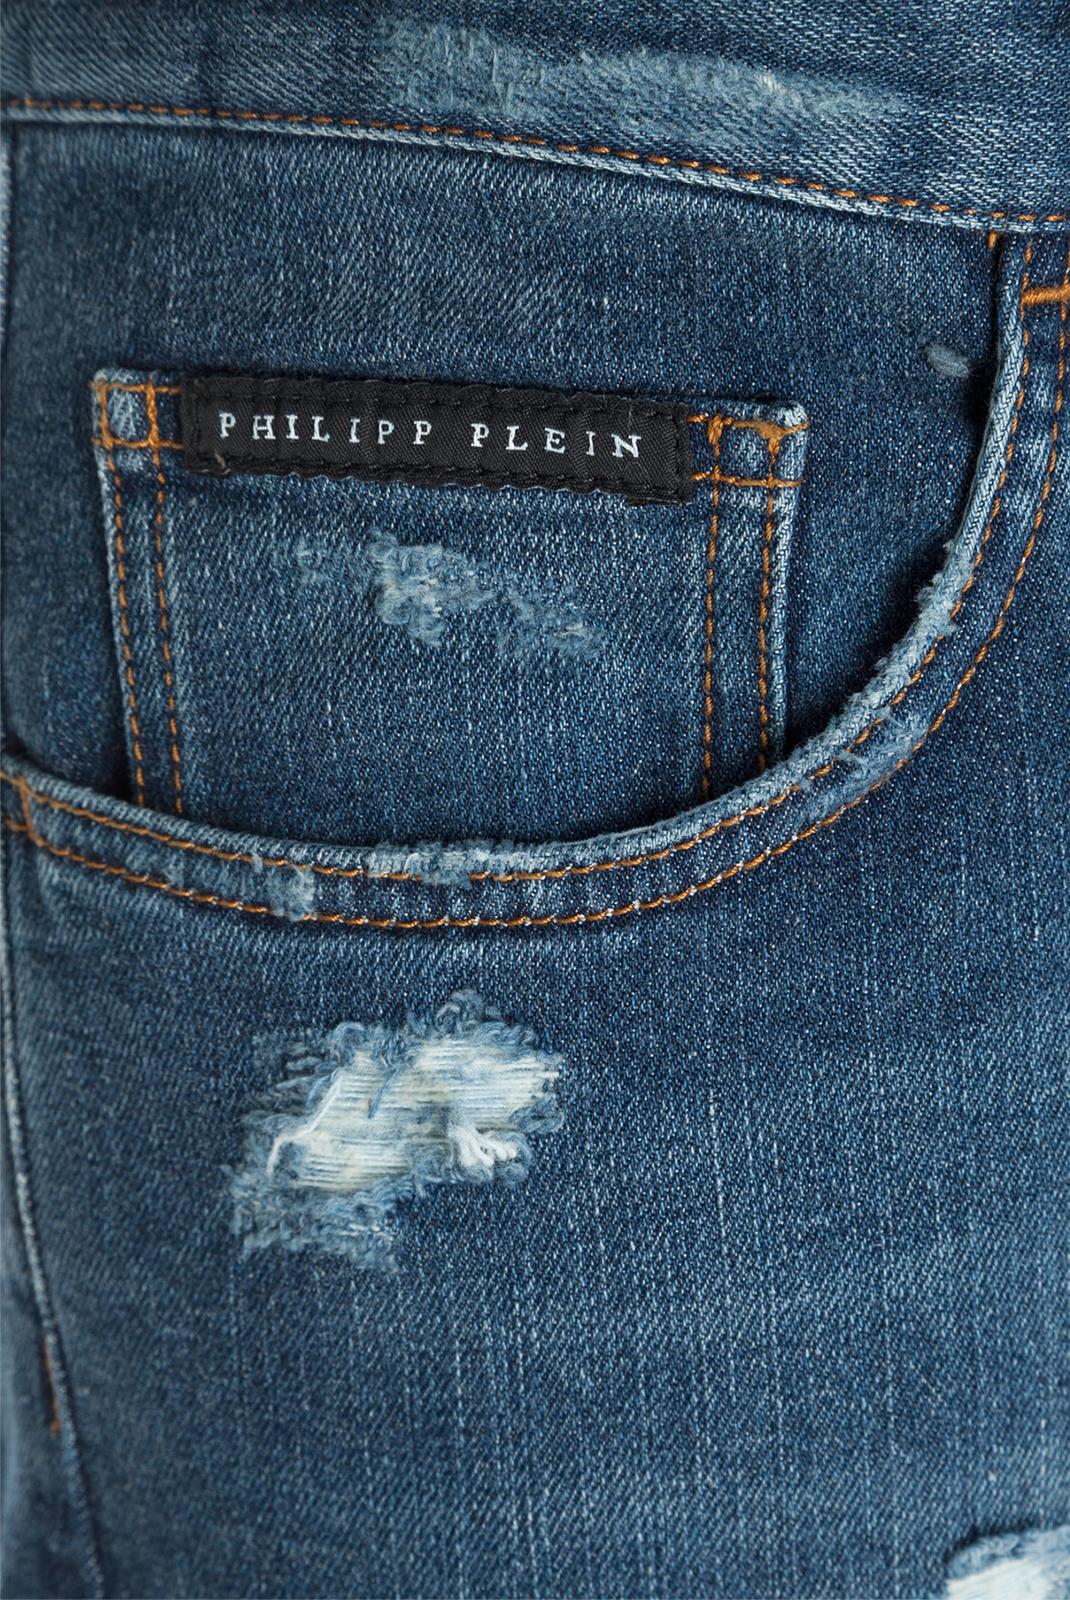 slim / skinny  Philipp plein MDT0073 SMOKING 20WA BEAR